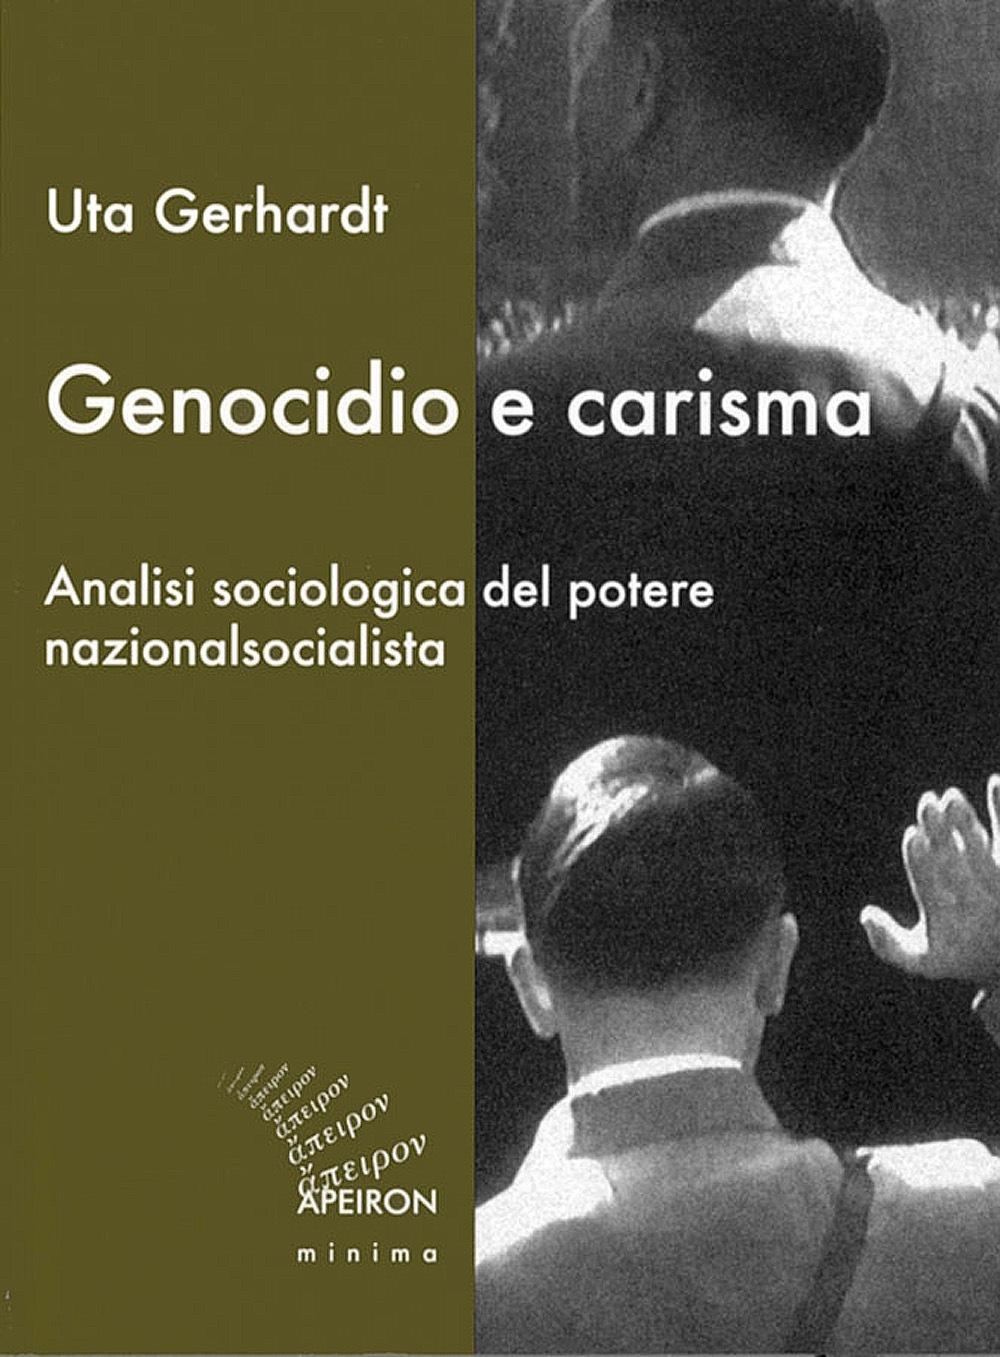 Genocidio e carisma. Analisi sociologica del potere nazionalsocialista